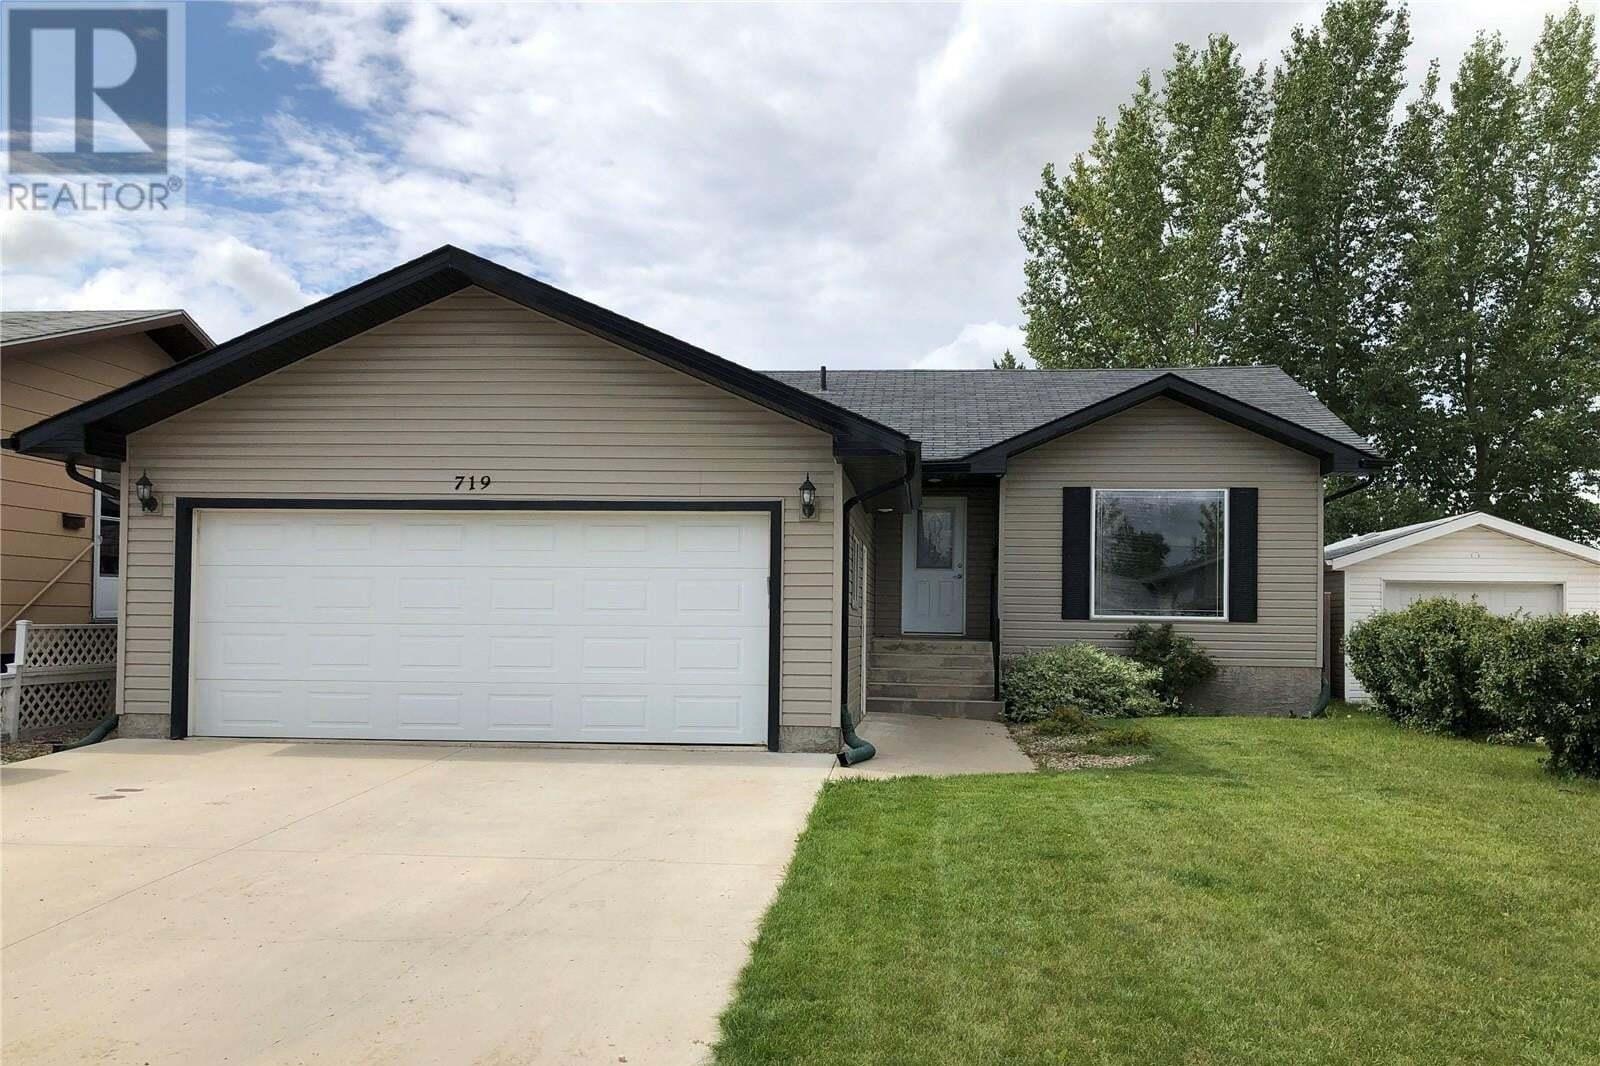 House for sale at 719 14th St Humboldt Saskatchewan - MLS: SK809823